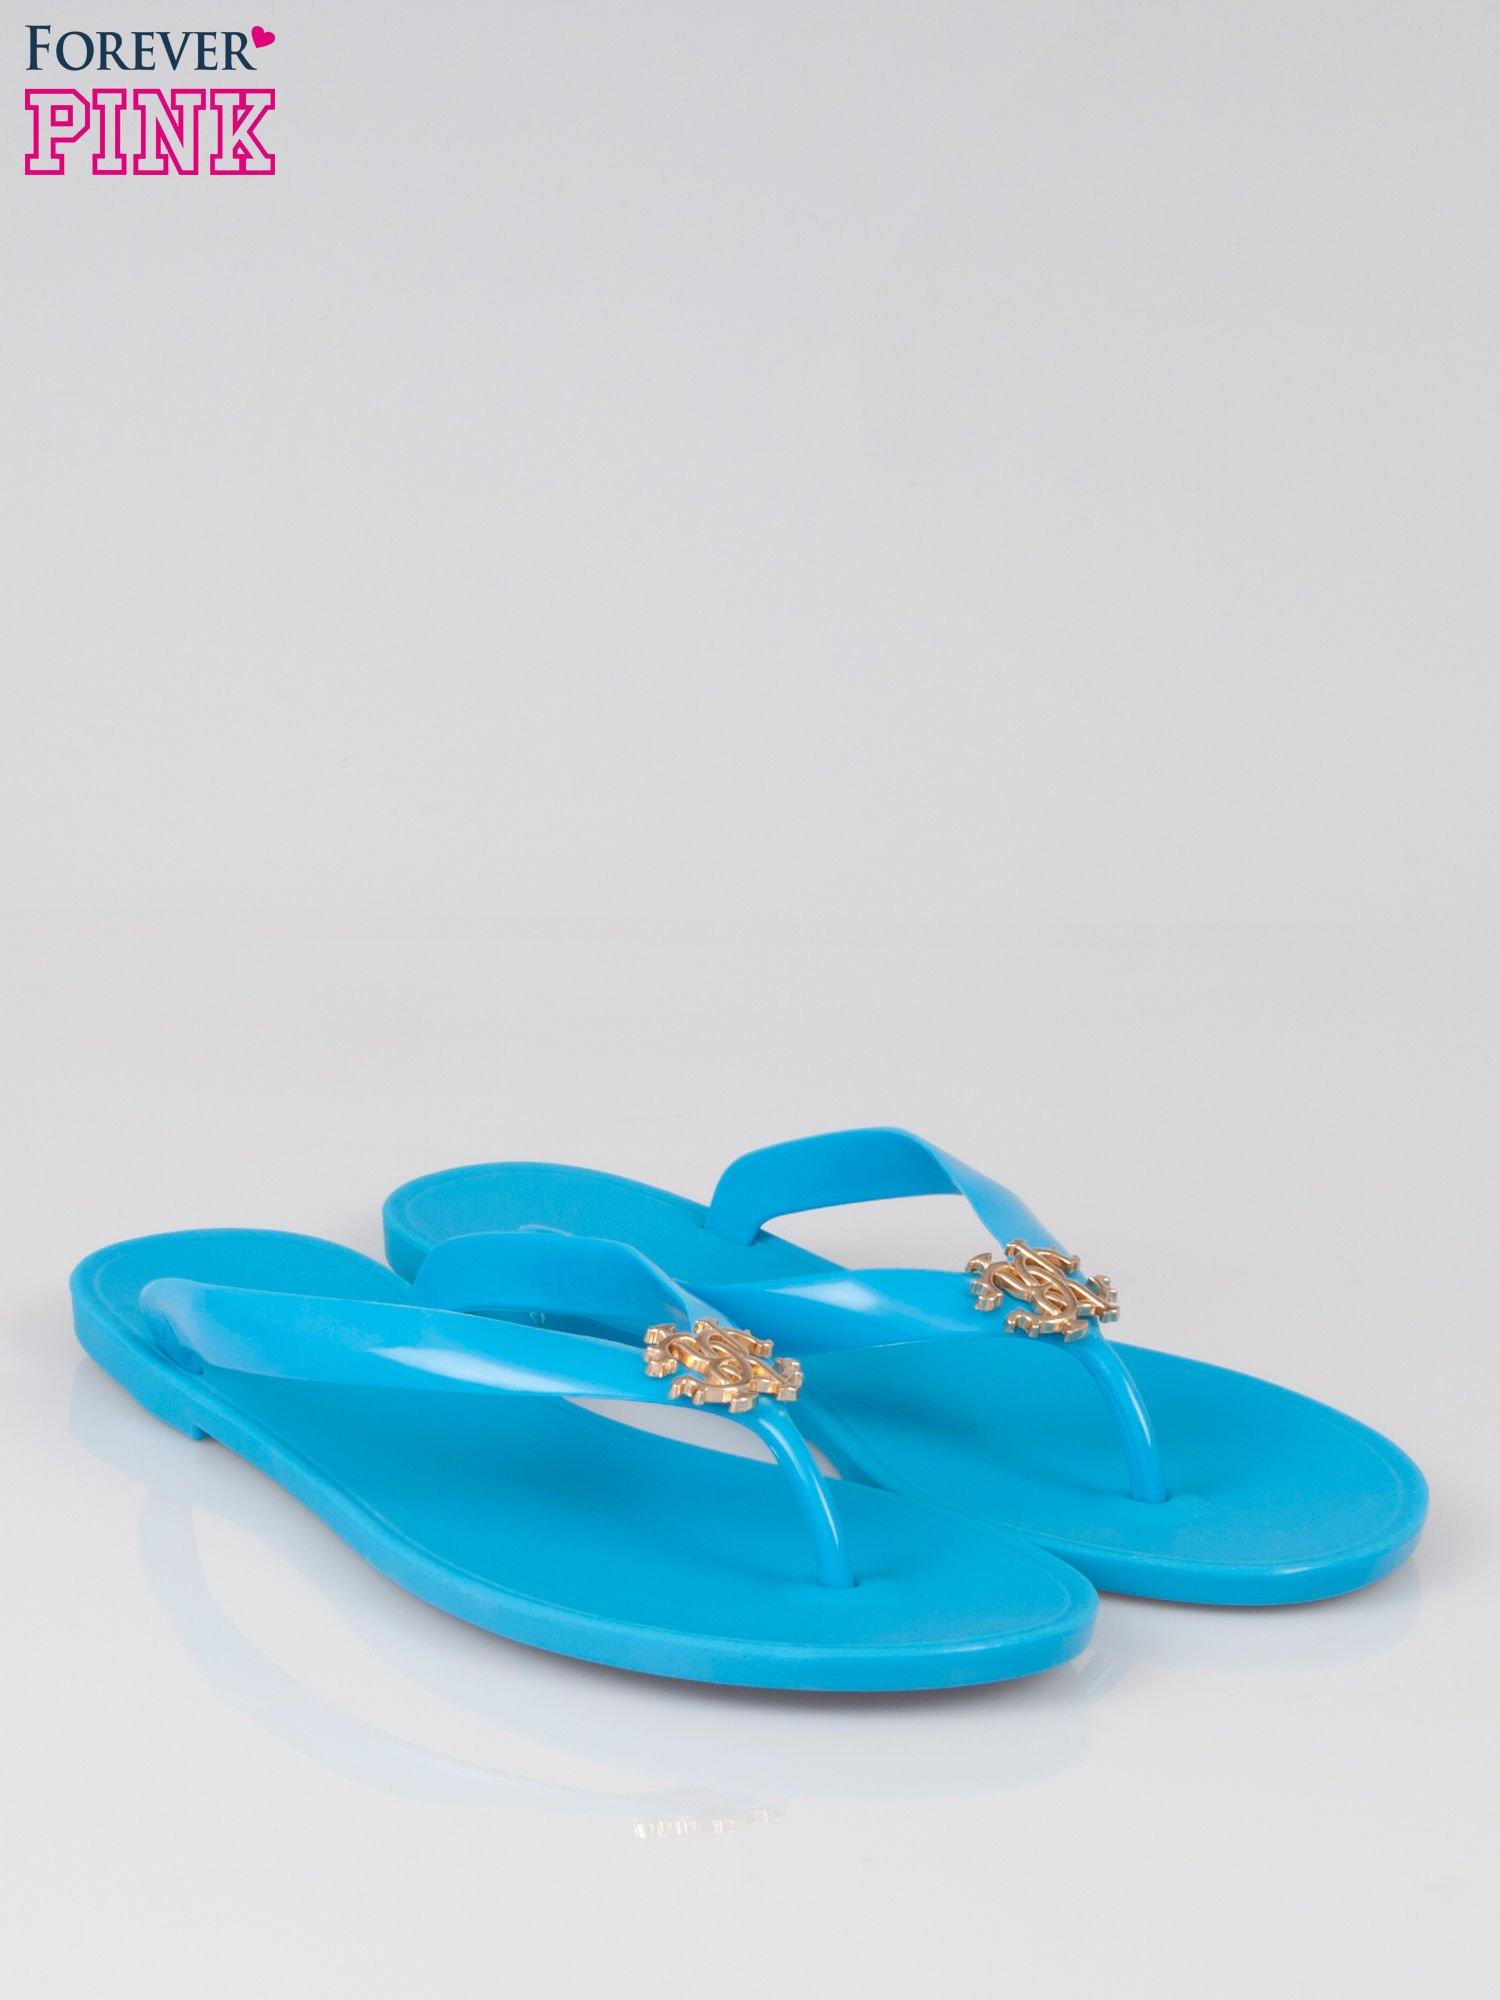 Niebieskie gumowe japonki Siesta ze złotą ozdobą                                  zdj.                                  2